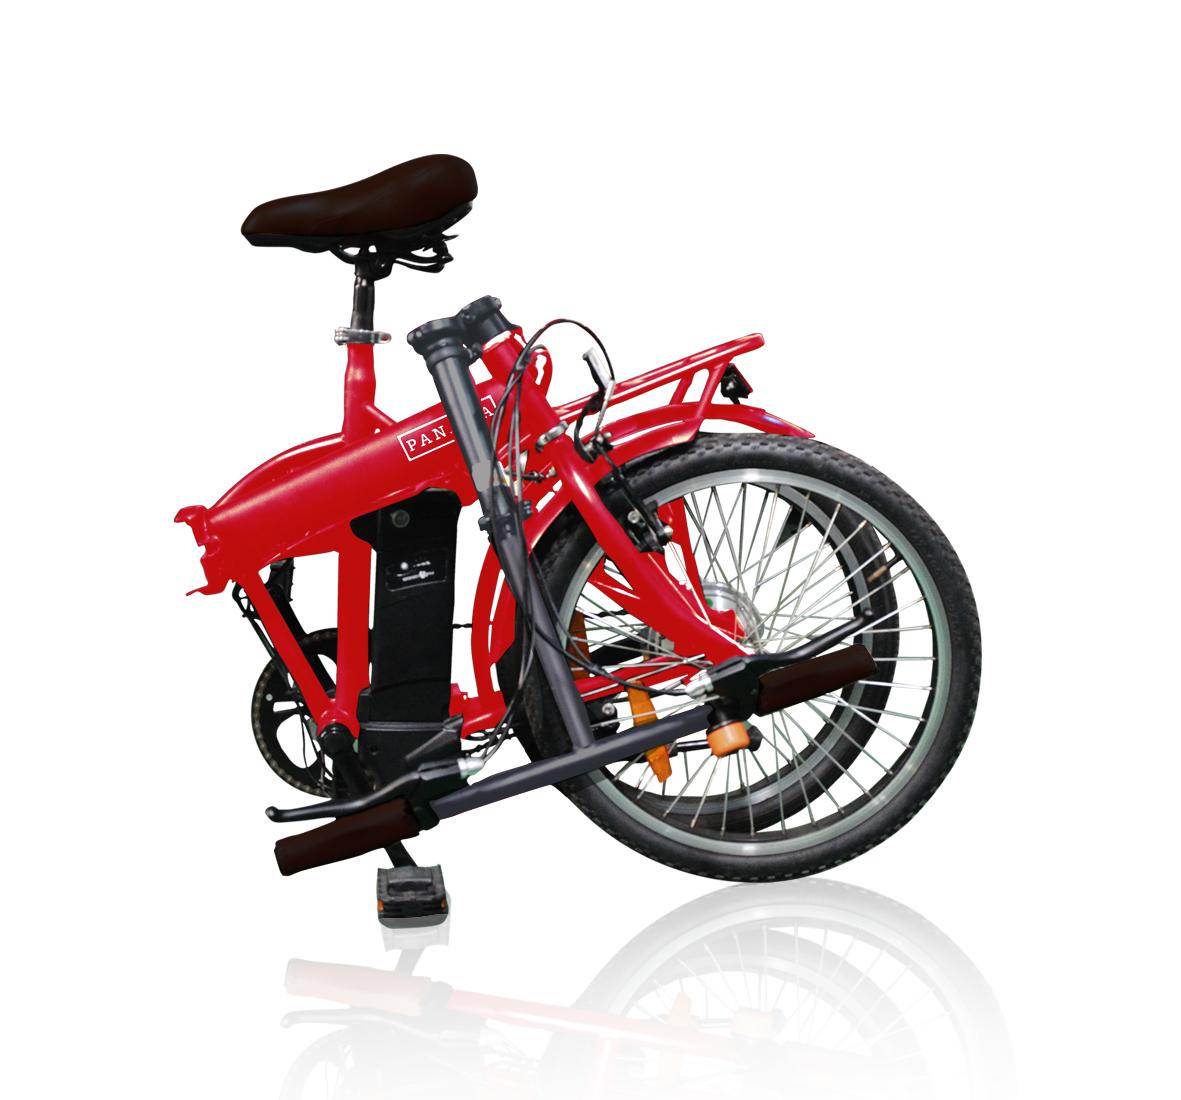 Sepeda lipat (seli) memang kompak dan praktis jika sudah dilengkapi motor listrik. Seperti yang ditampilkan Seli listrik Viar Panama.